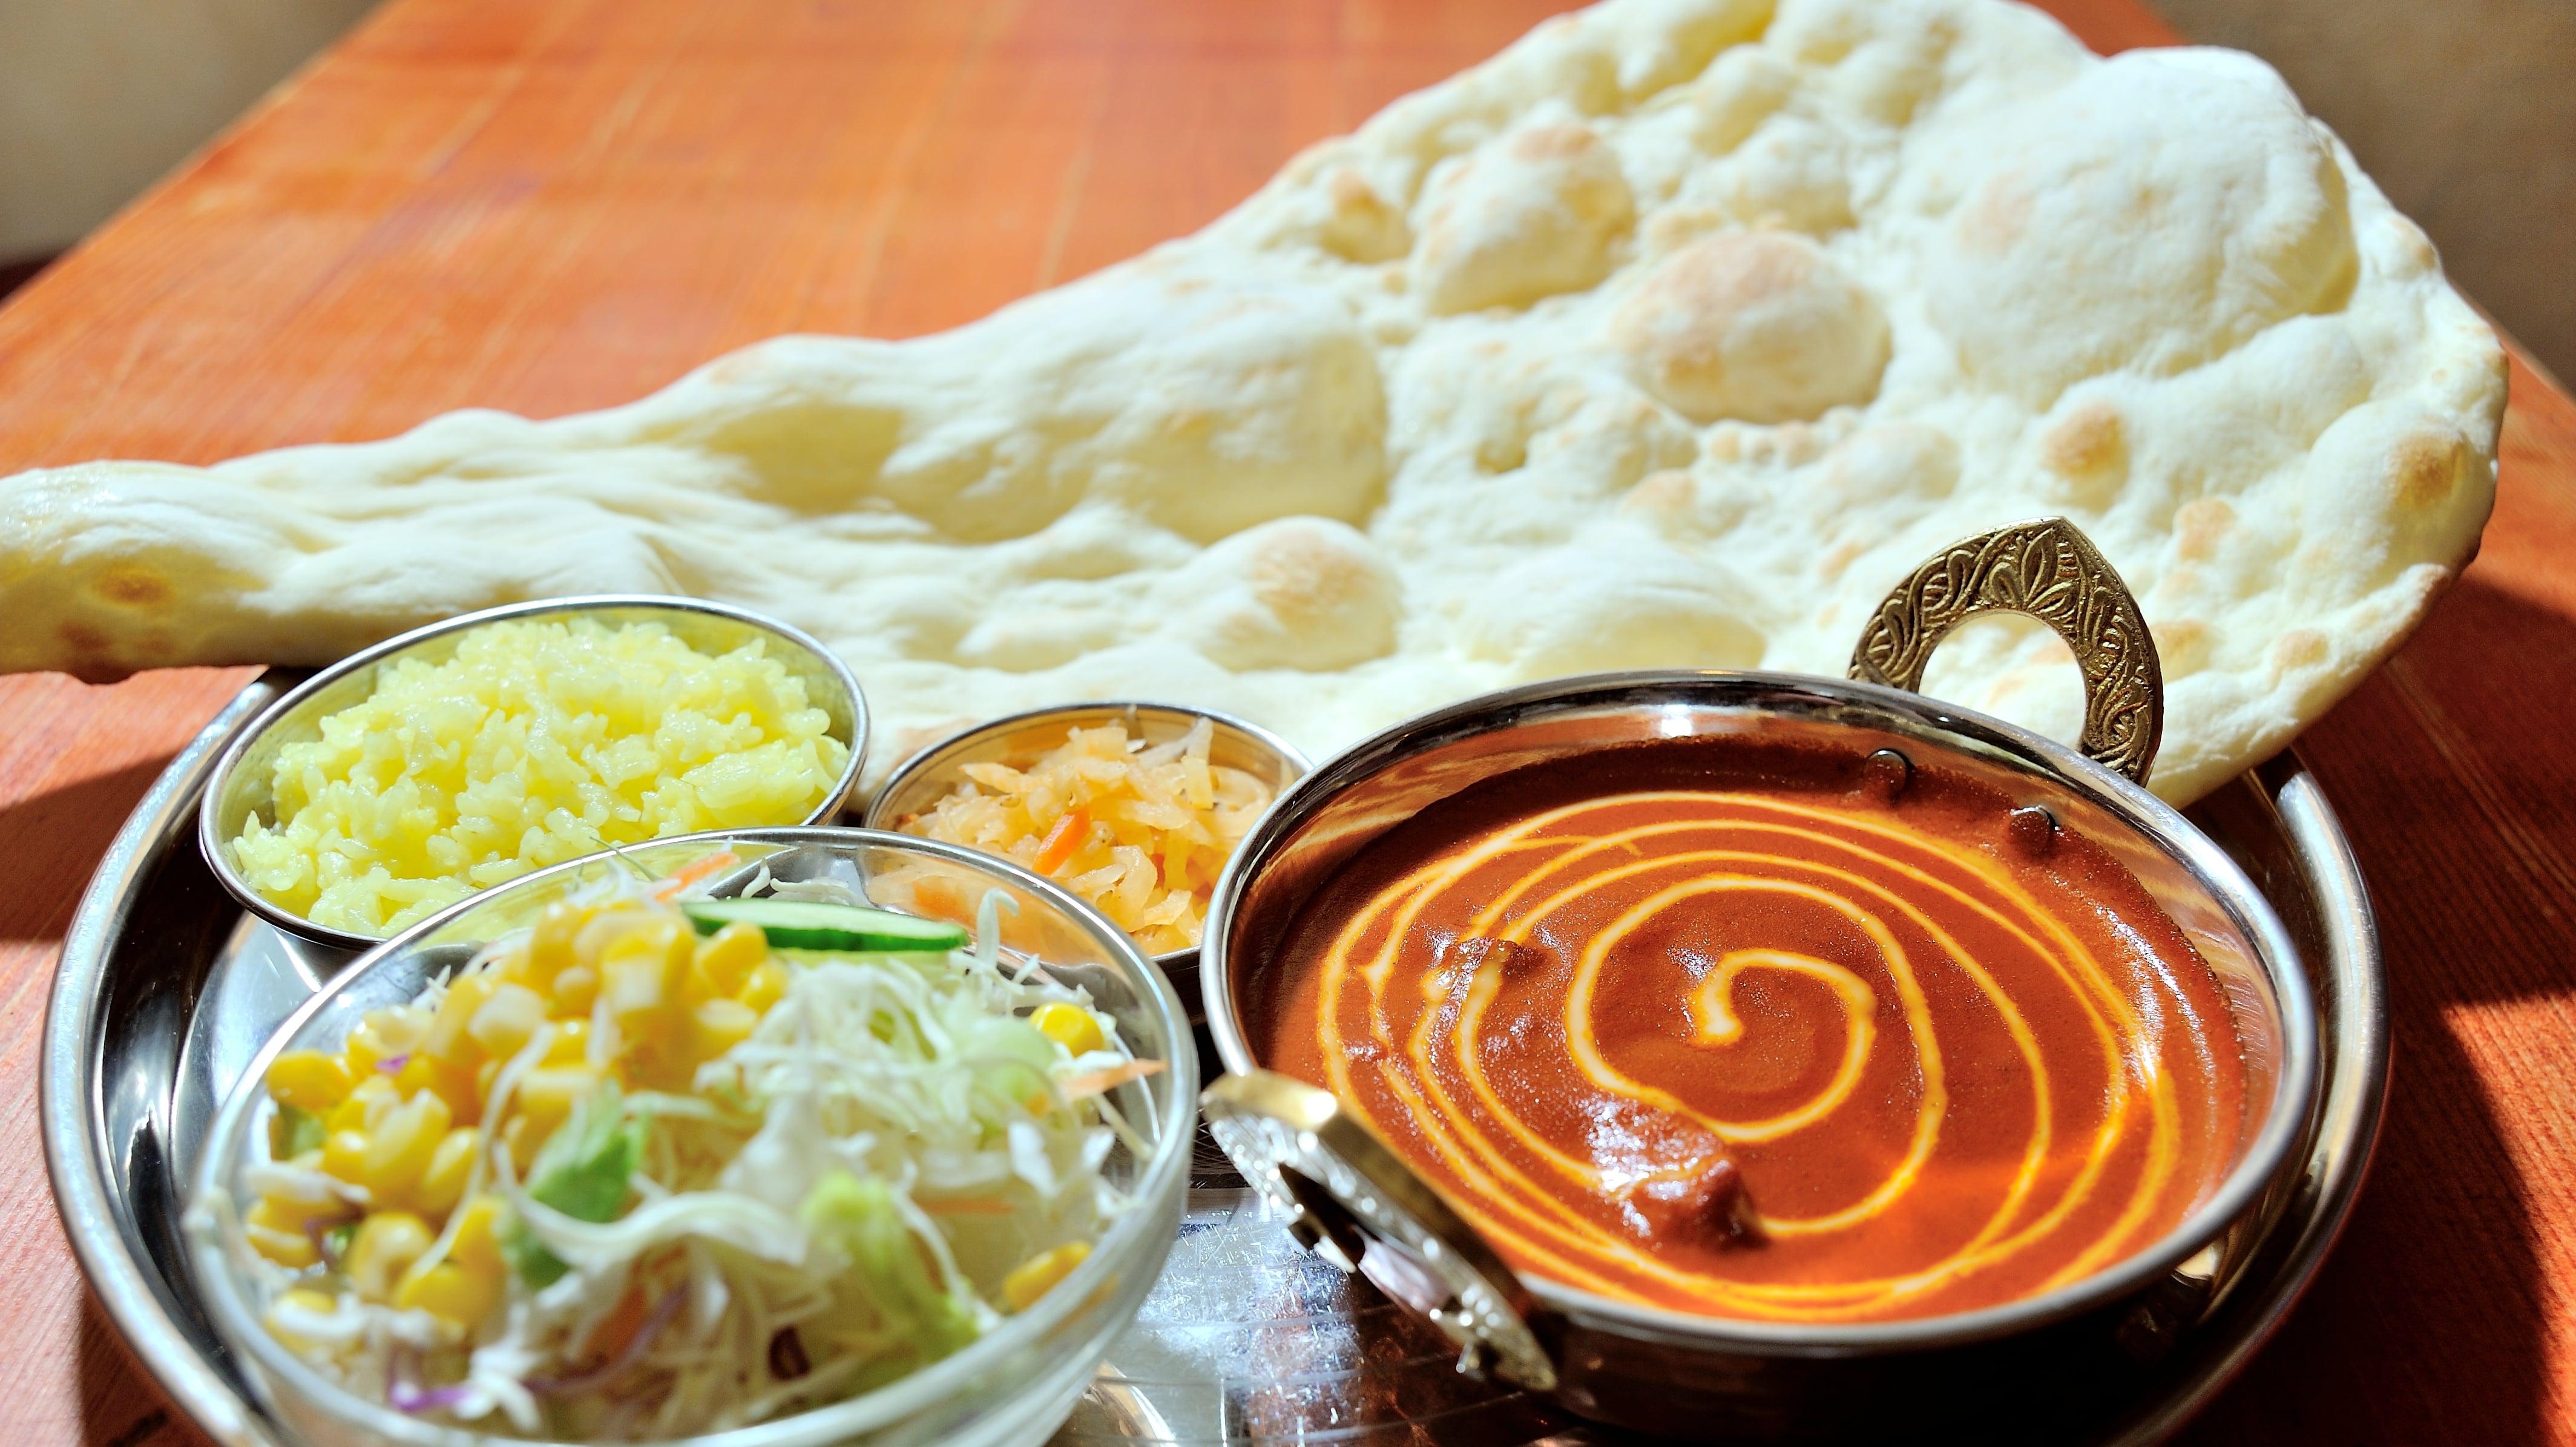 インド人が驚く日本の「ナン」独自すぎる進化 | 食べれば世界がわかる ...